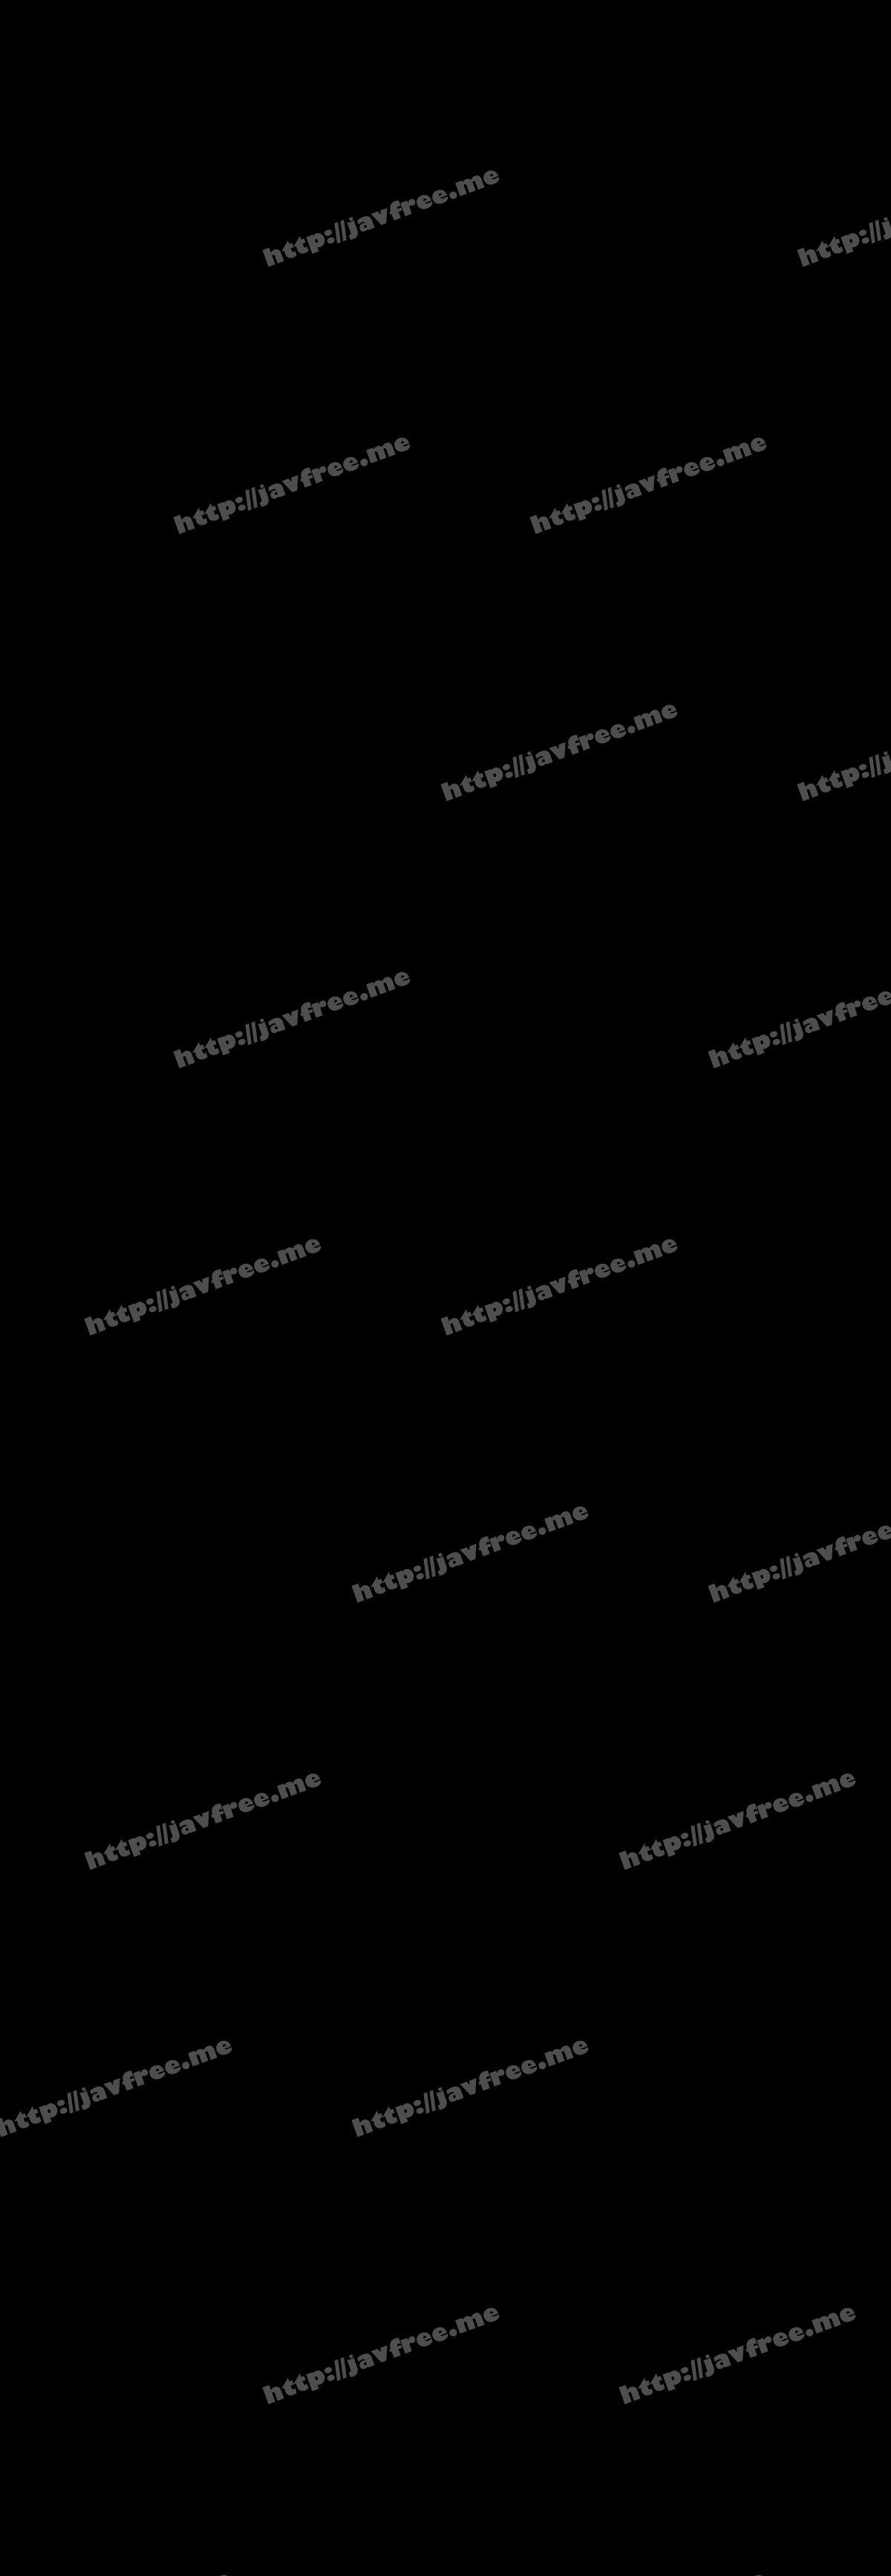 [HD][IBW-722] 美少女連れ込み強制わいせつ映像集2枚組8時間 - image IBW-722b-720p on https://javfree.me